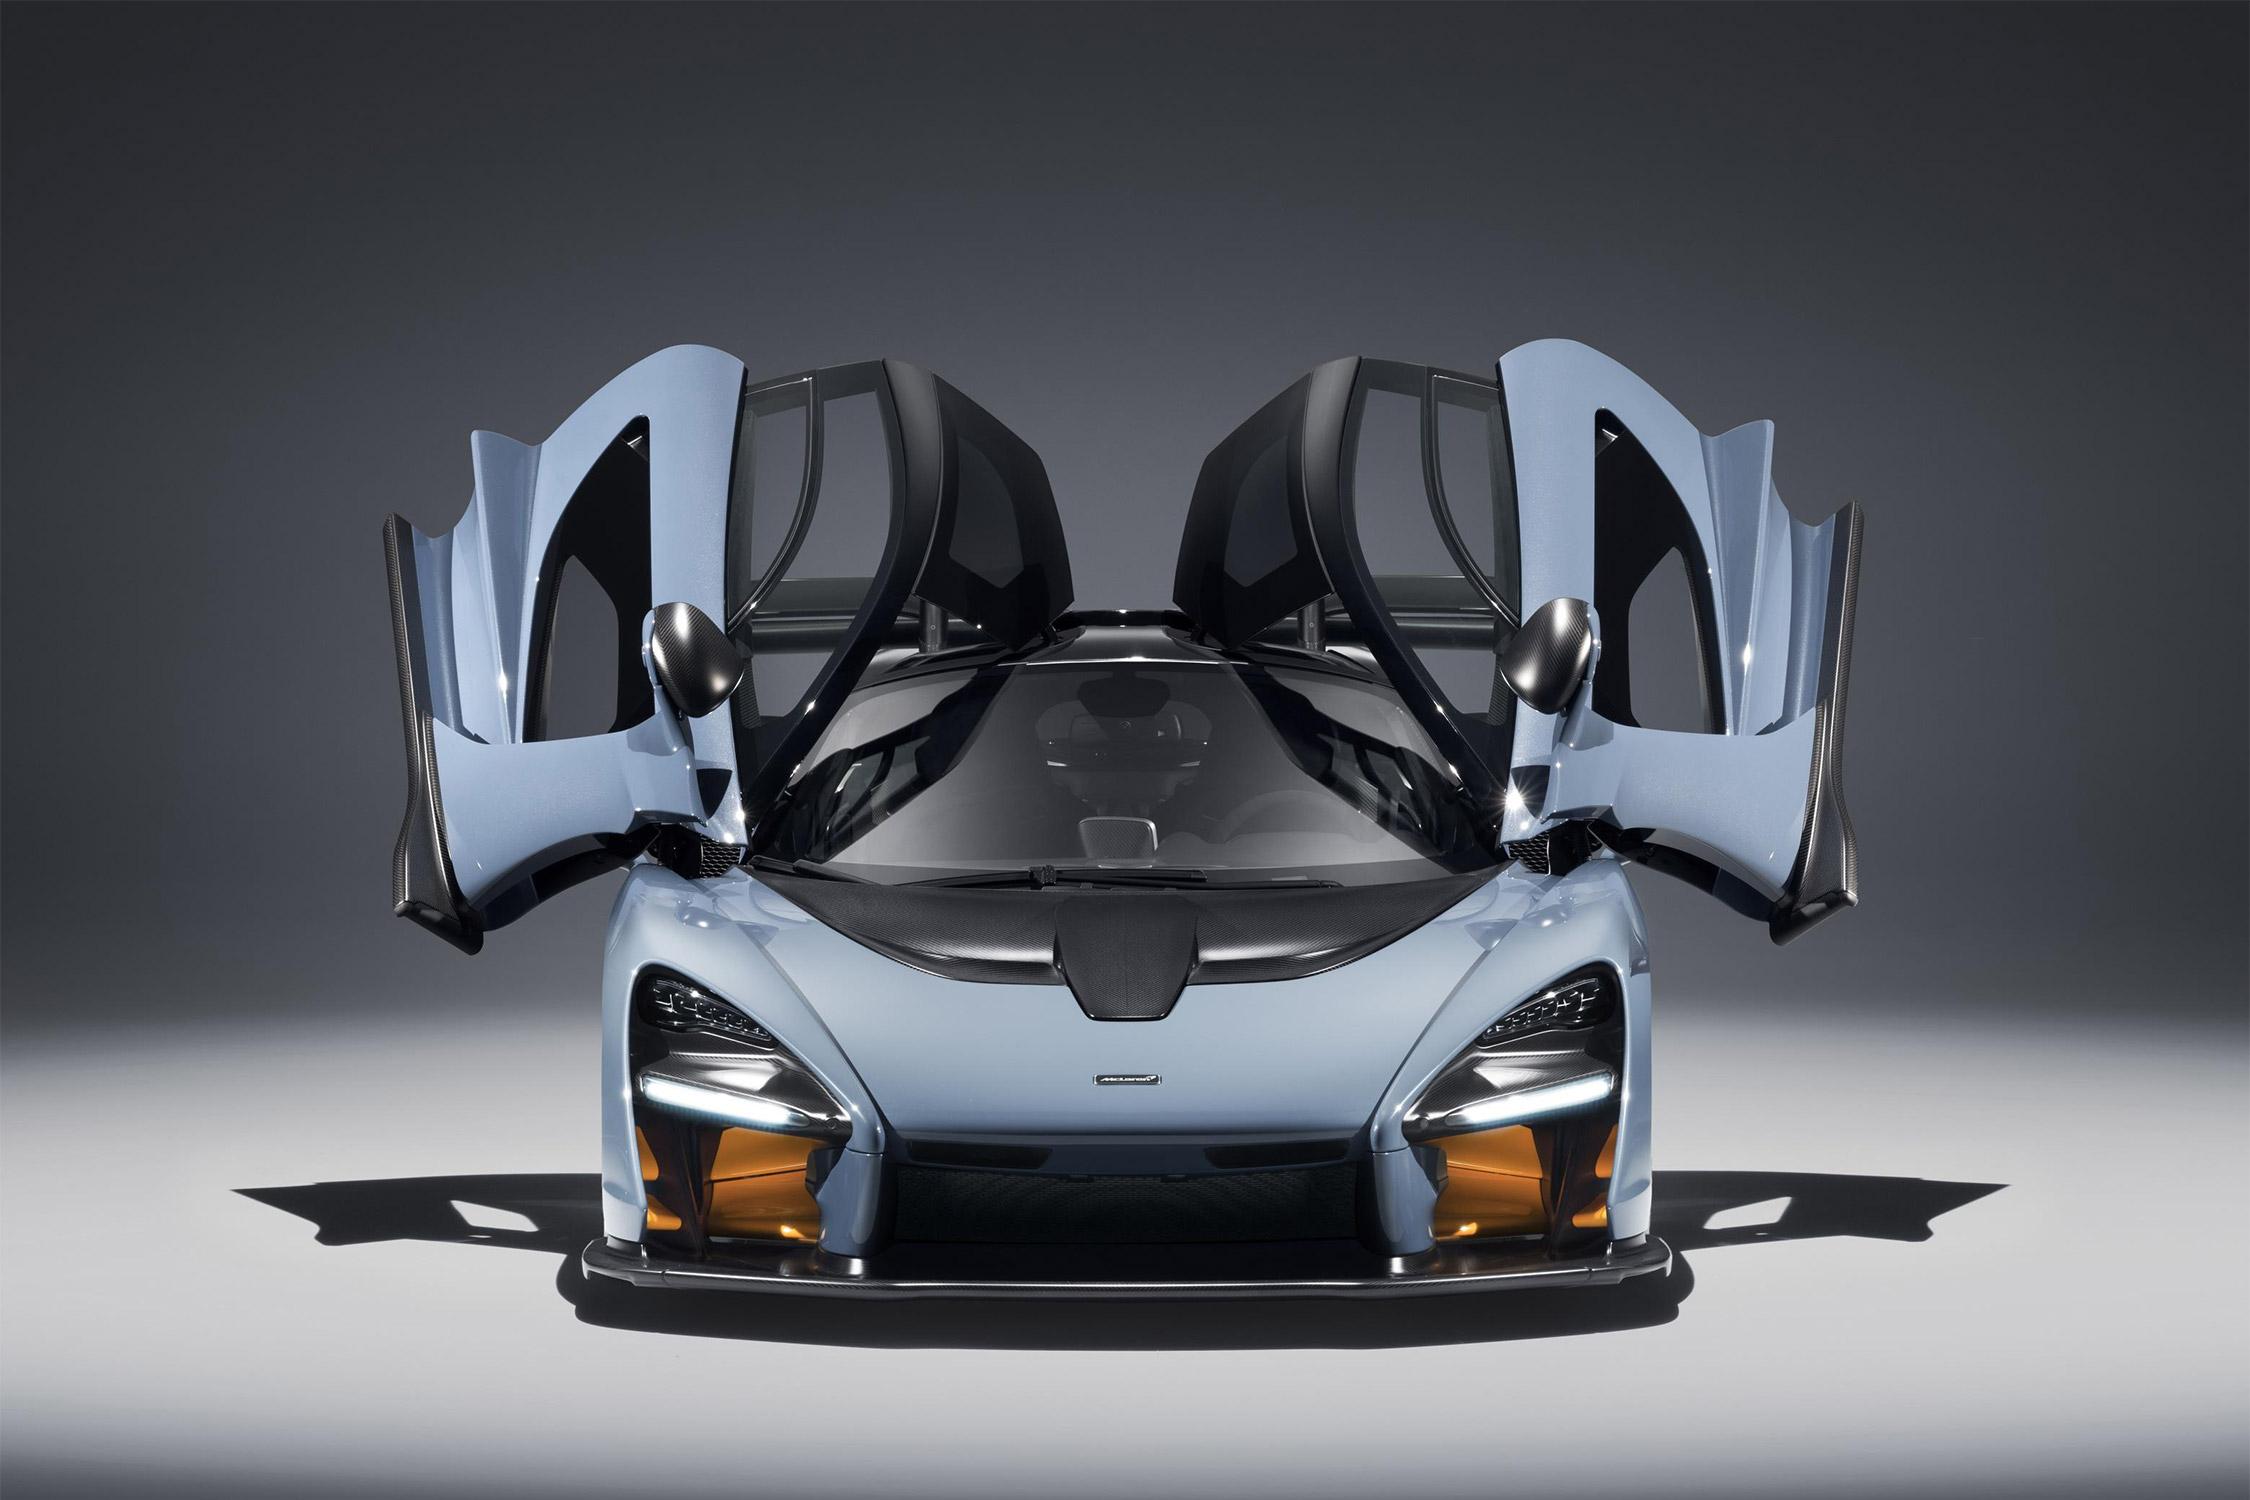 La nouvelle McLaren Senna en fibre de carbone est une merveille